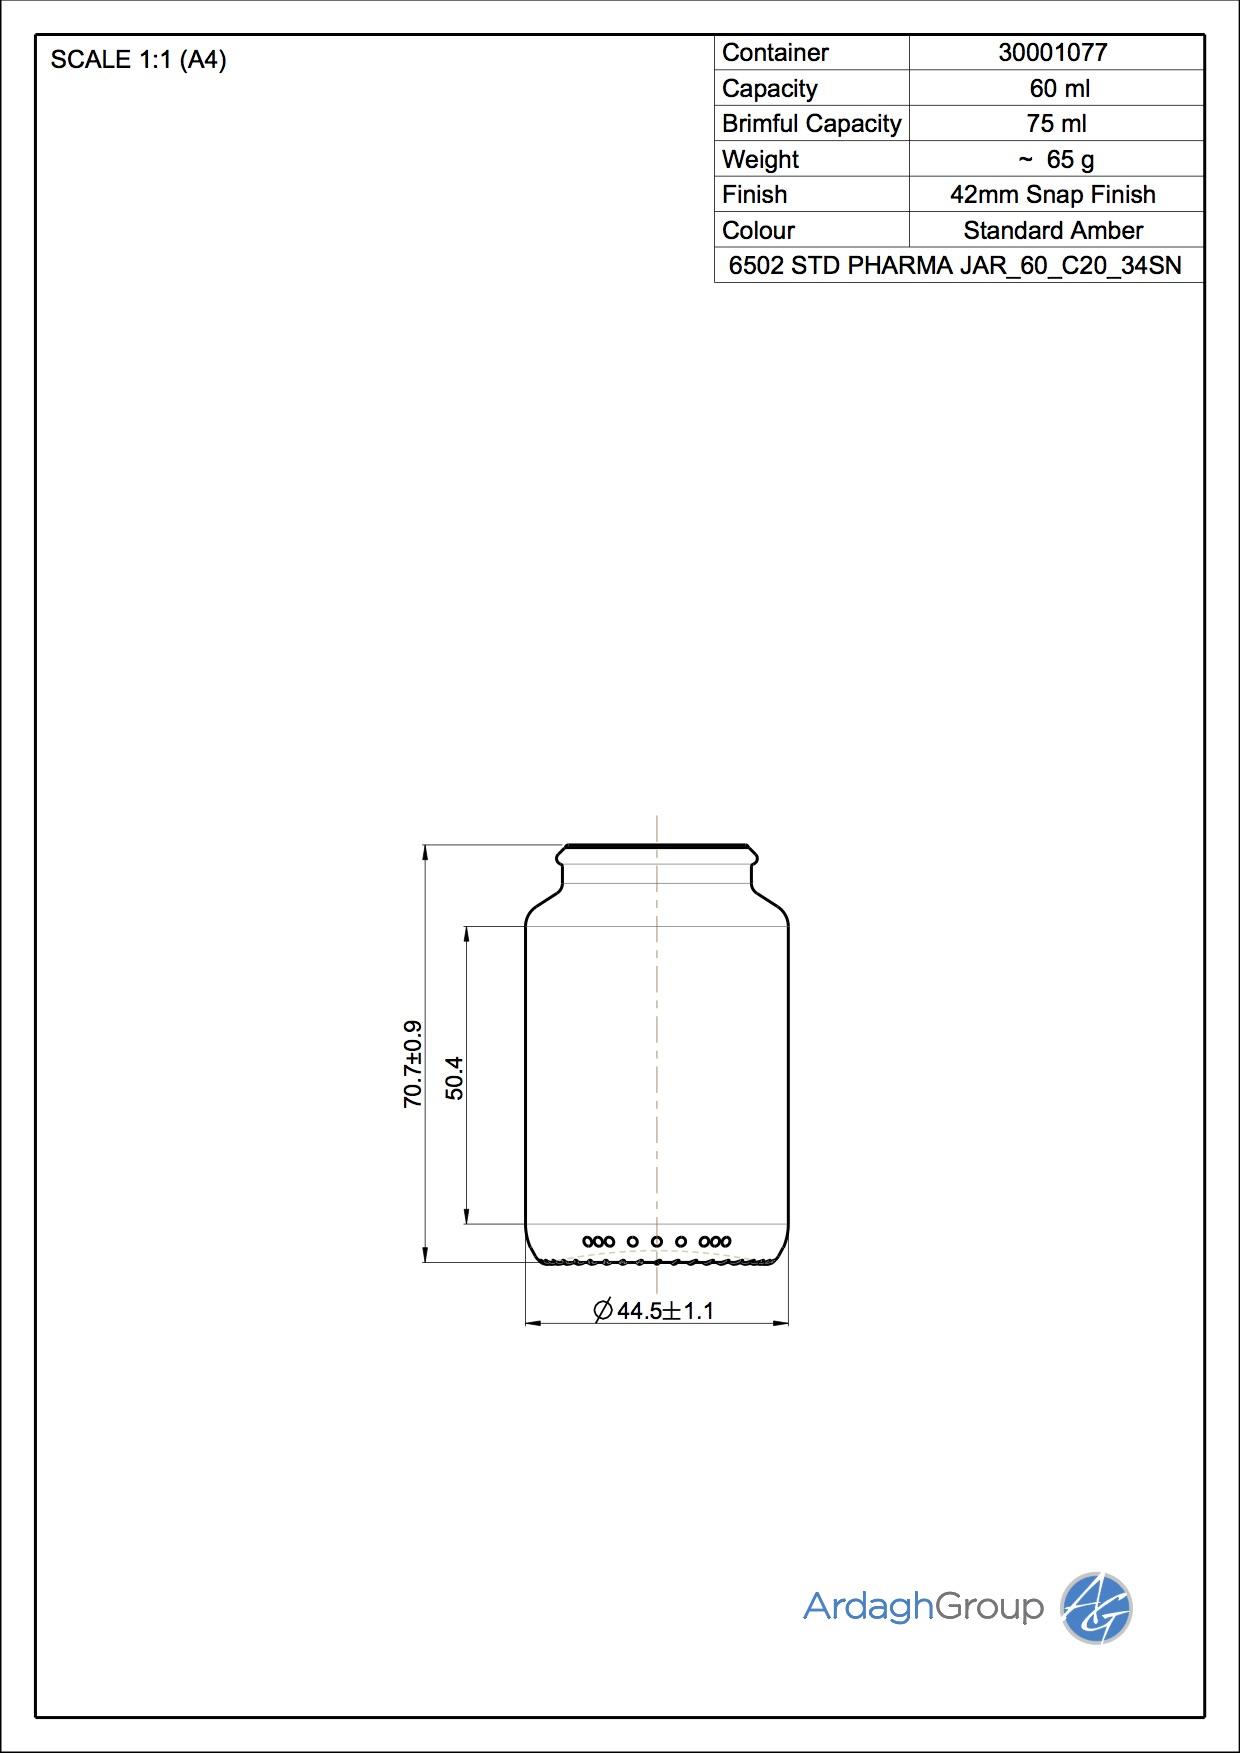 STD PHARMA JAR 60 C20 34SN